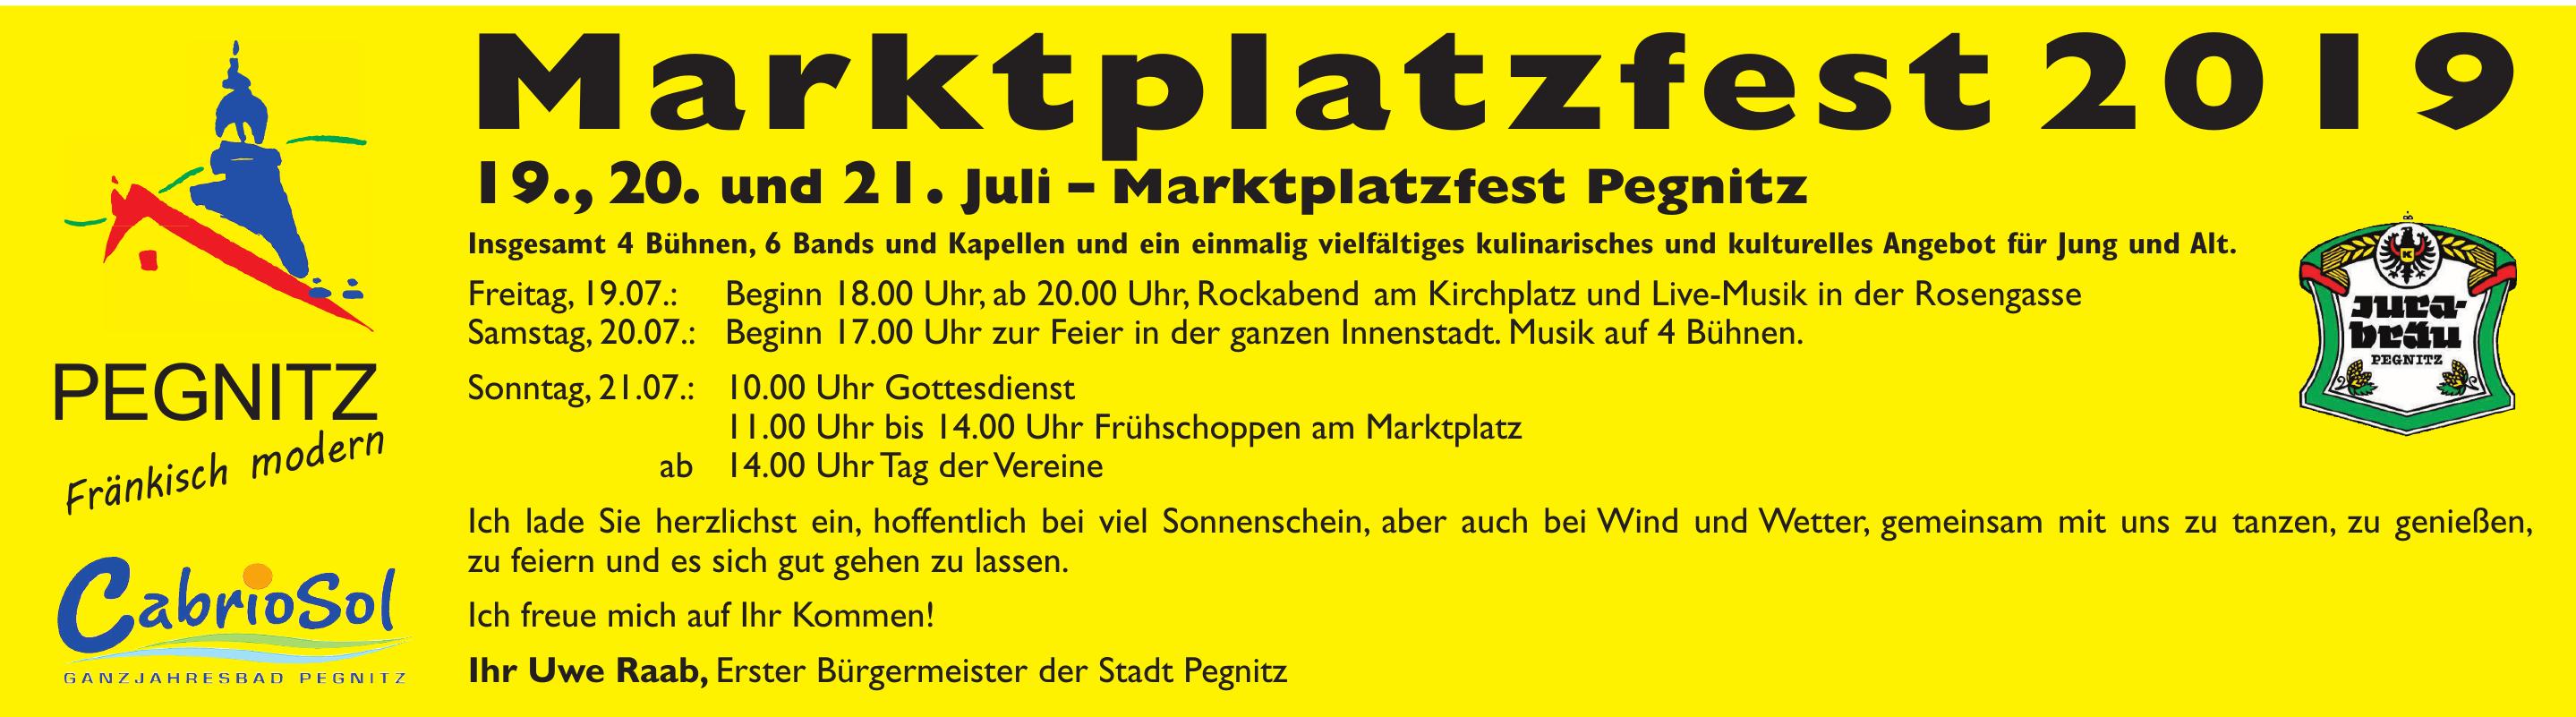 Marktplatzfest 2019